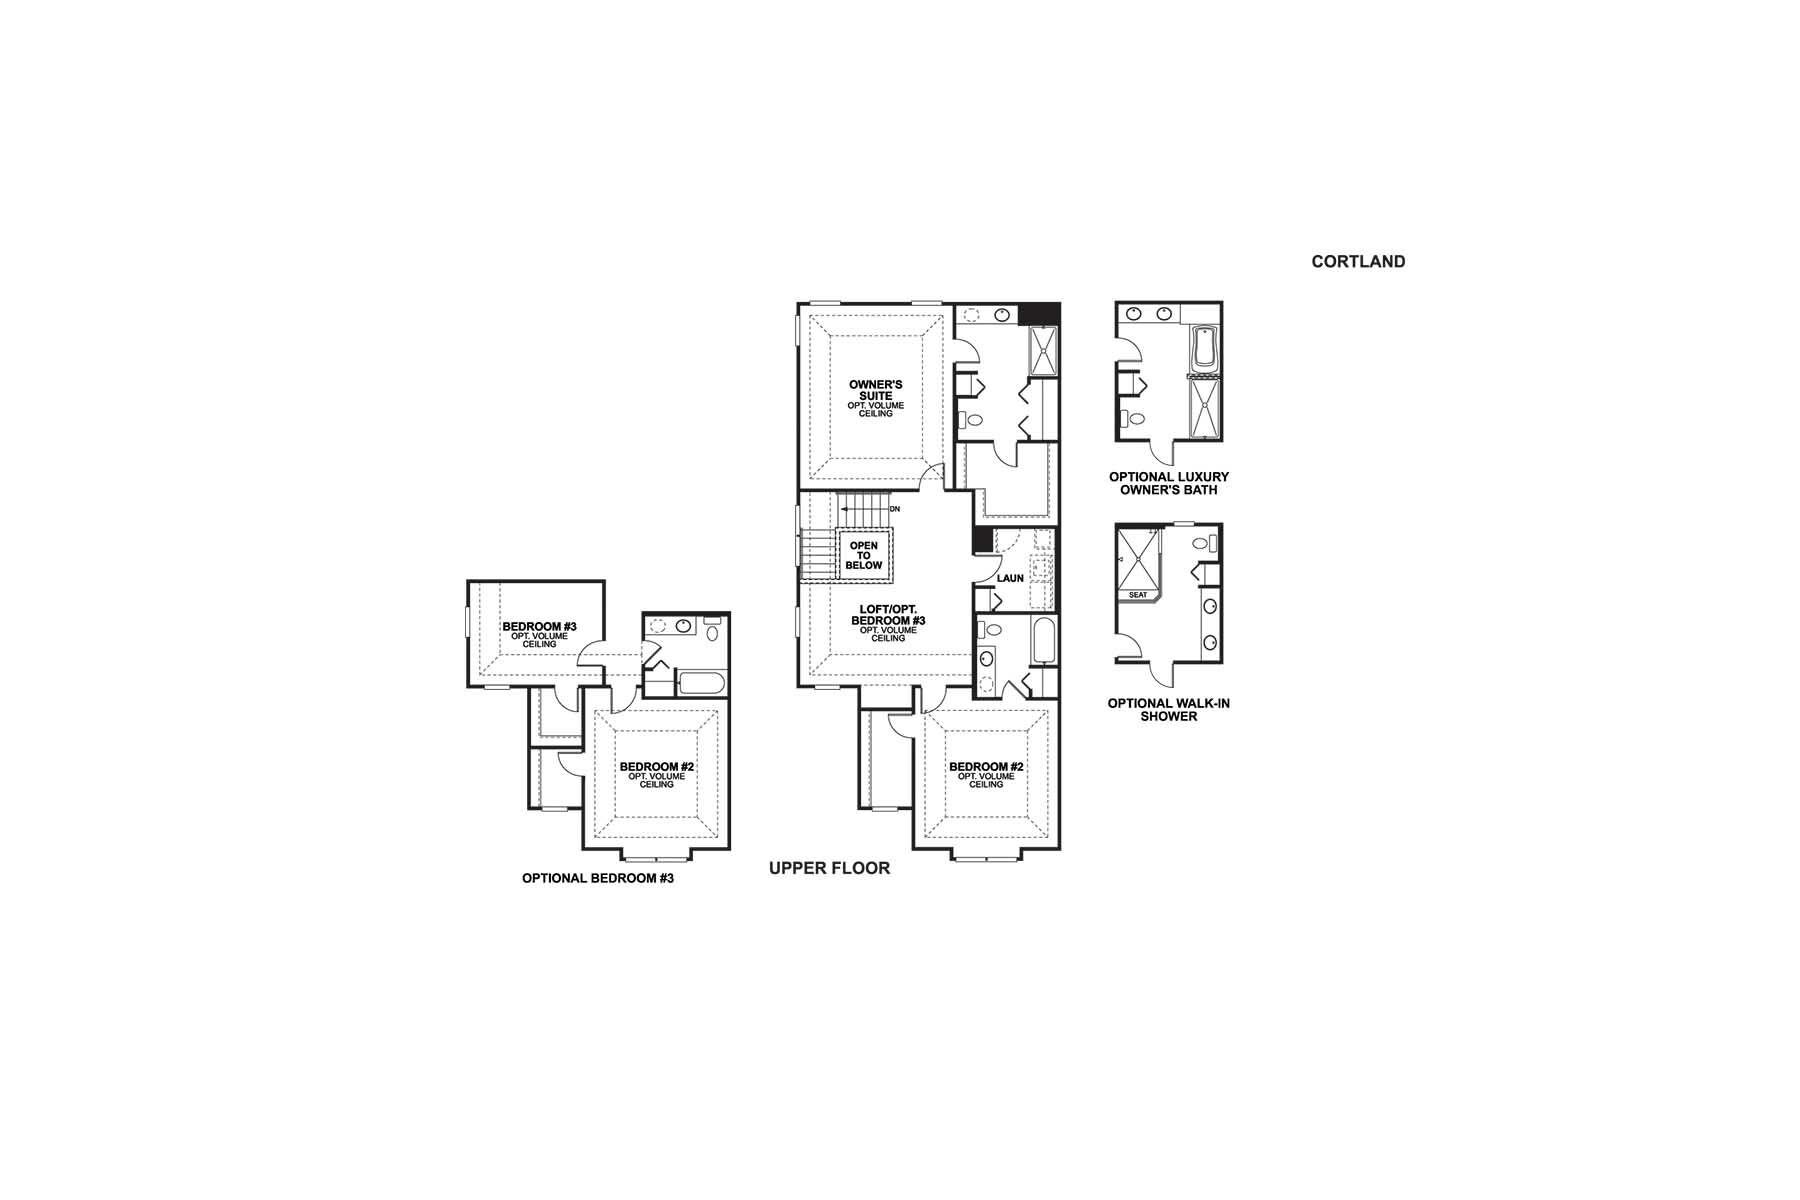 Cortland Upper Floor